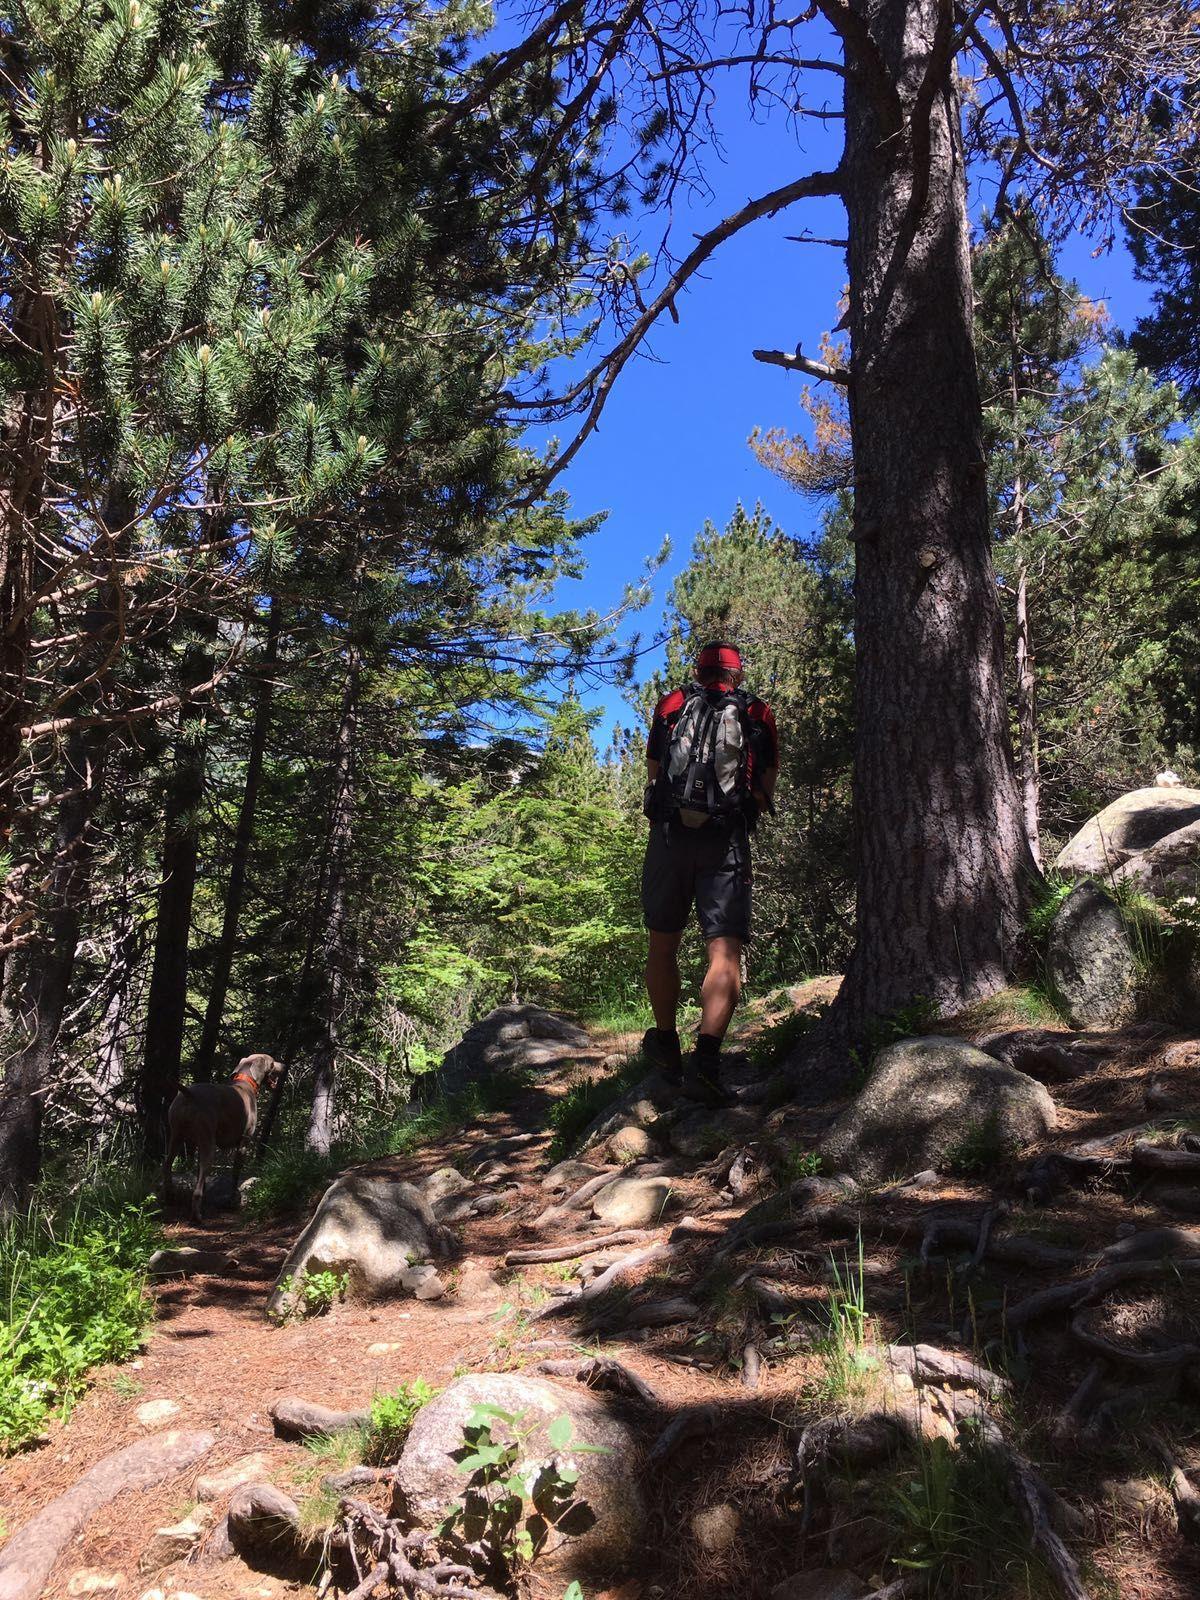 #senderismo en la #ValdAran #ValledeAran #Pirineos #PirineudeLLeida #bosque #montaña #mountain #hiking